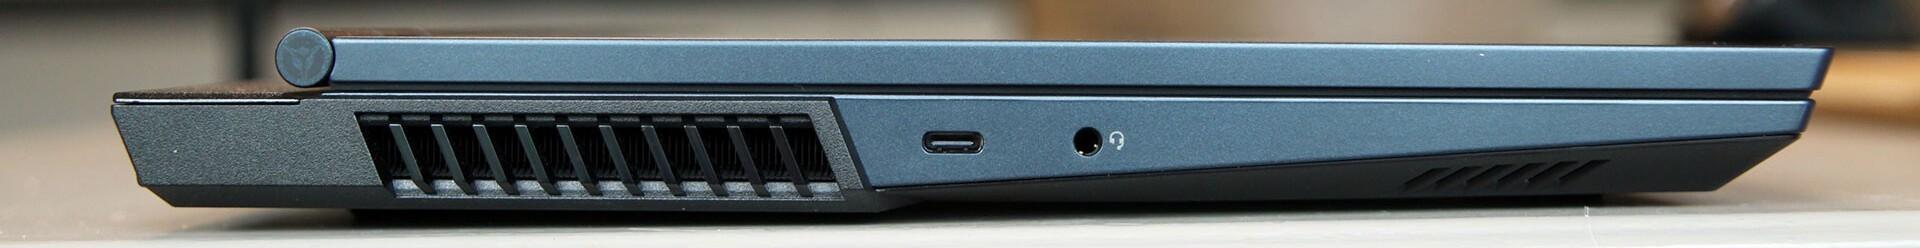 انواع لپ تاپ گیمینگ لنوو